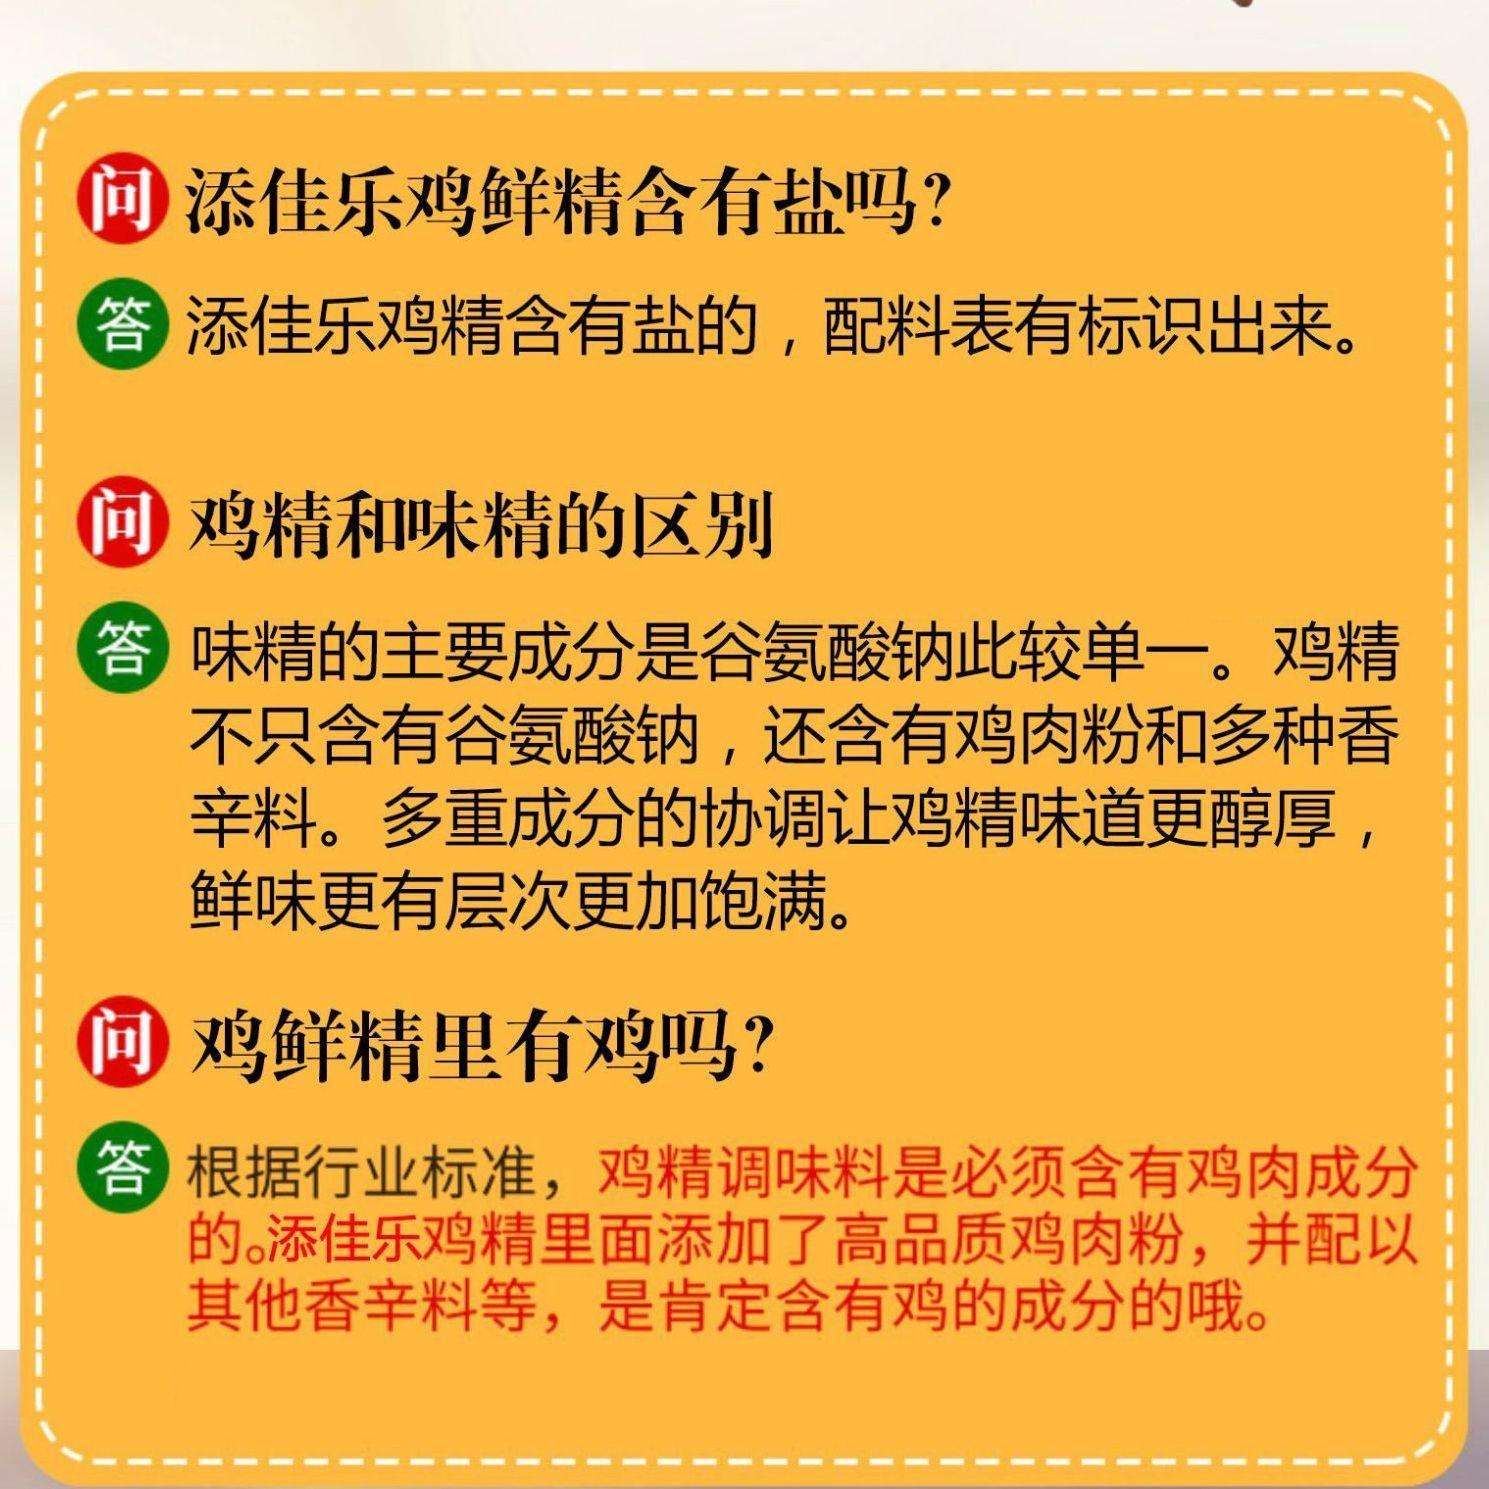 4492-添佳乐土鸡精粉家庭装家用鲜鸡精炒菜煲汤调味品料批发大袋200g-详情图